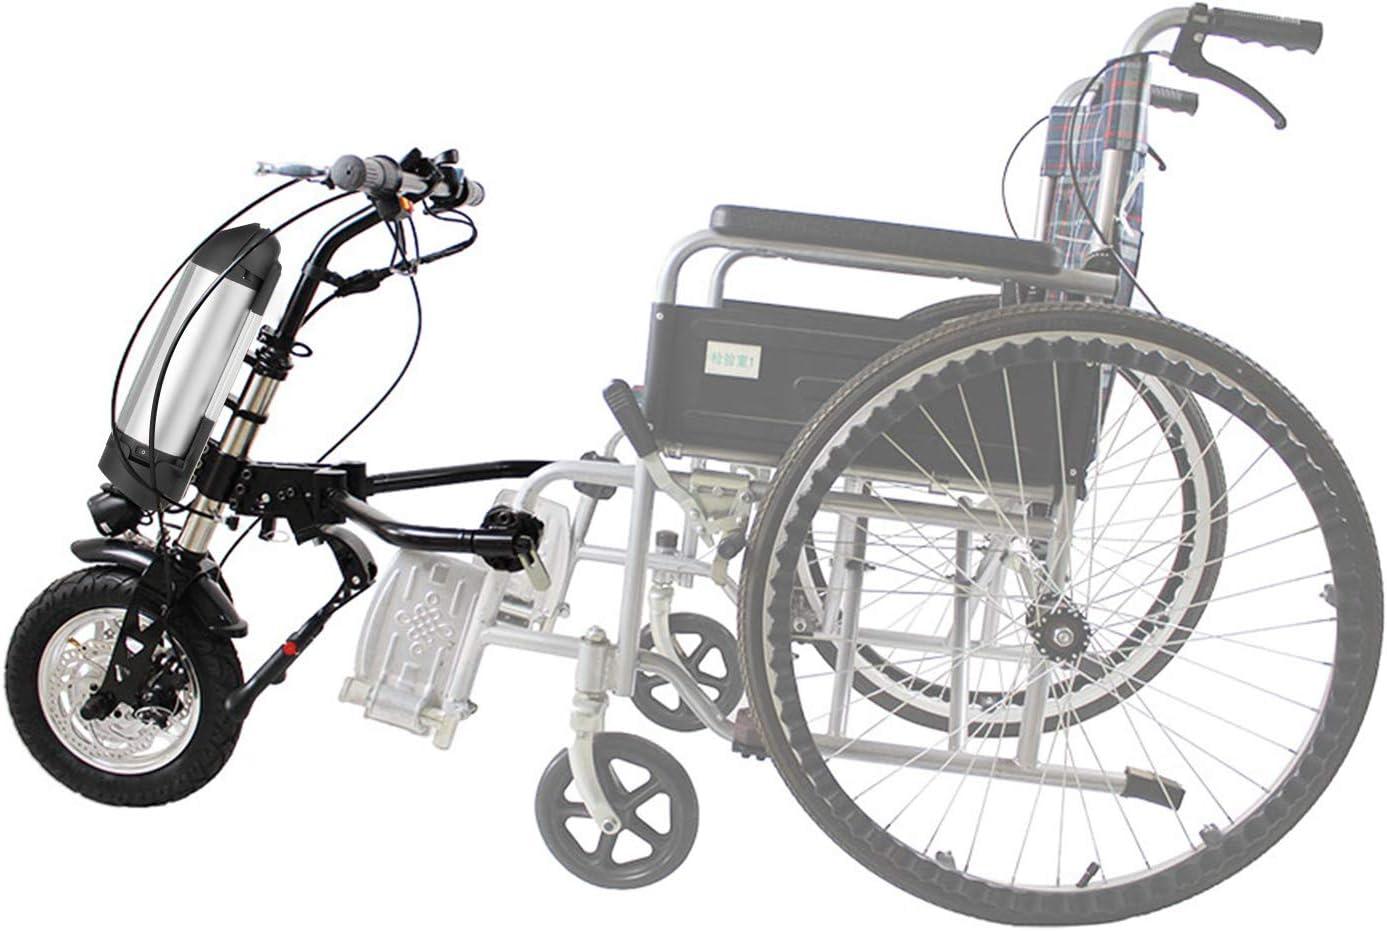 VEVOR Handbike para Silla de Ruedas 36V Kit de Conversión de Handbike Eléctrico para Silla de Ruedas 36V Adecuado para Sillas de Ruedas Deportivas Handcycle Silla De Ruedas 36V 250W